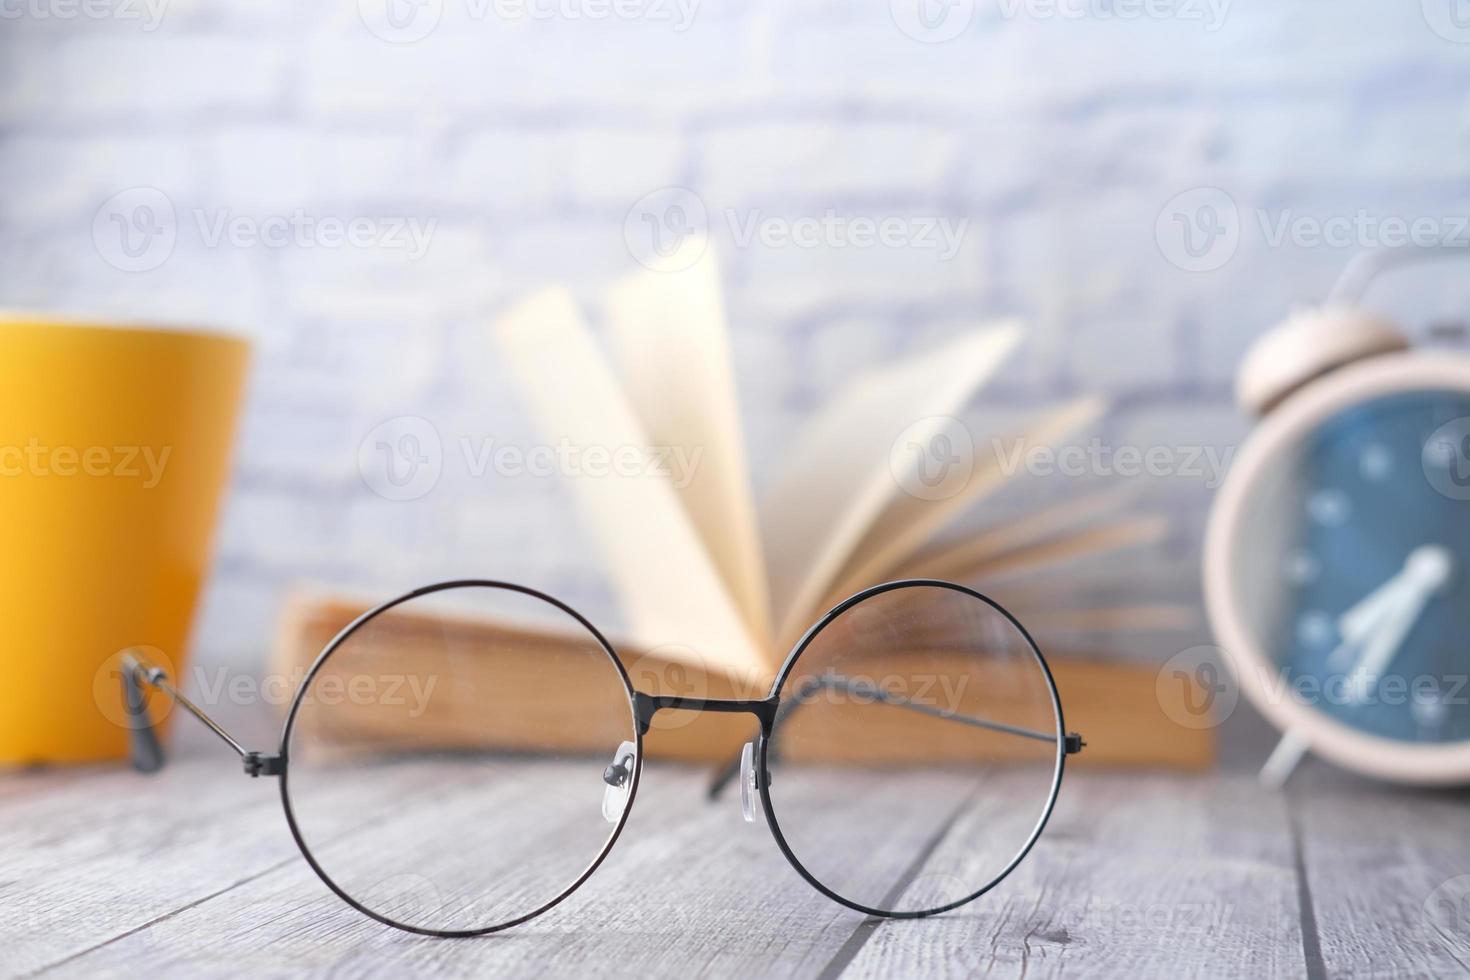 anteojos circulares en la mesa foto